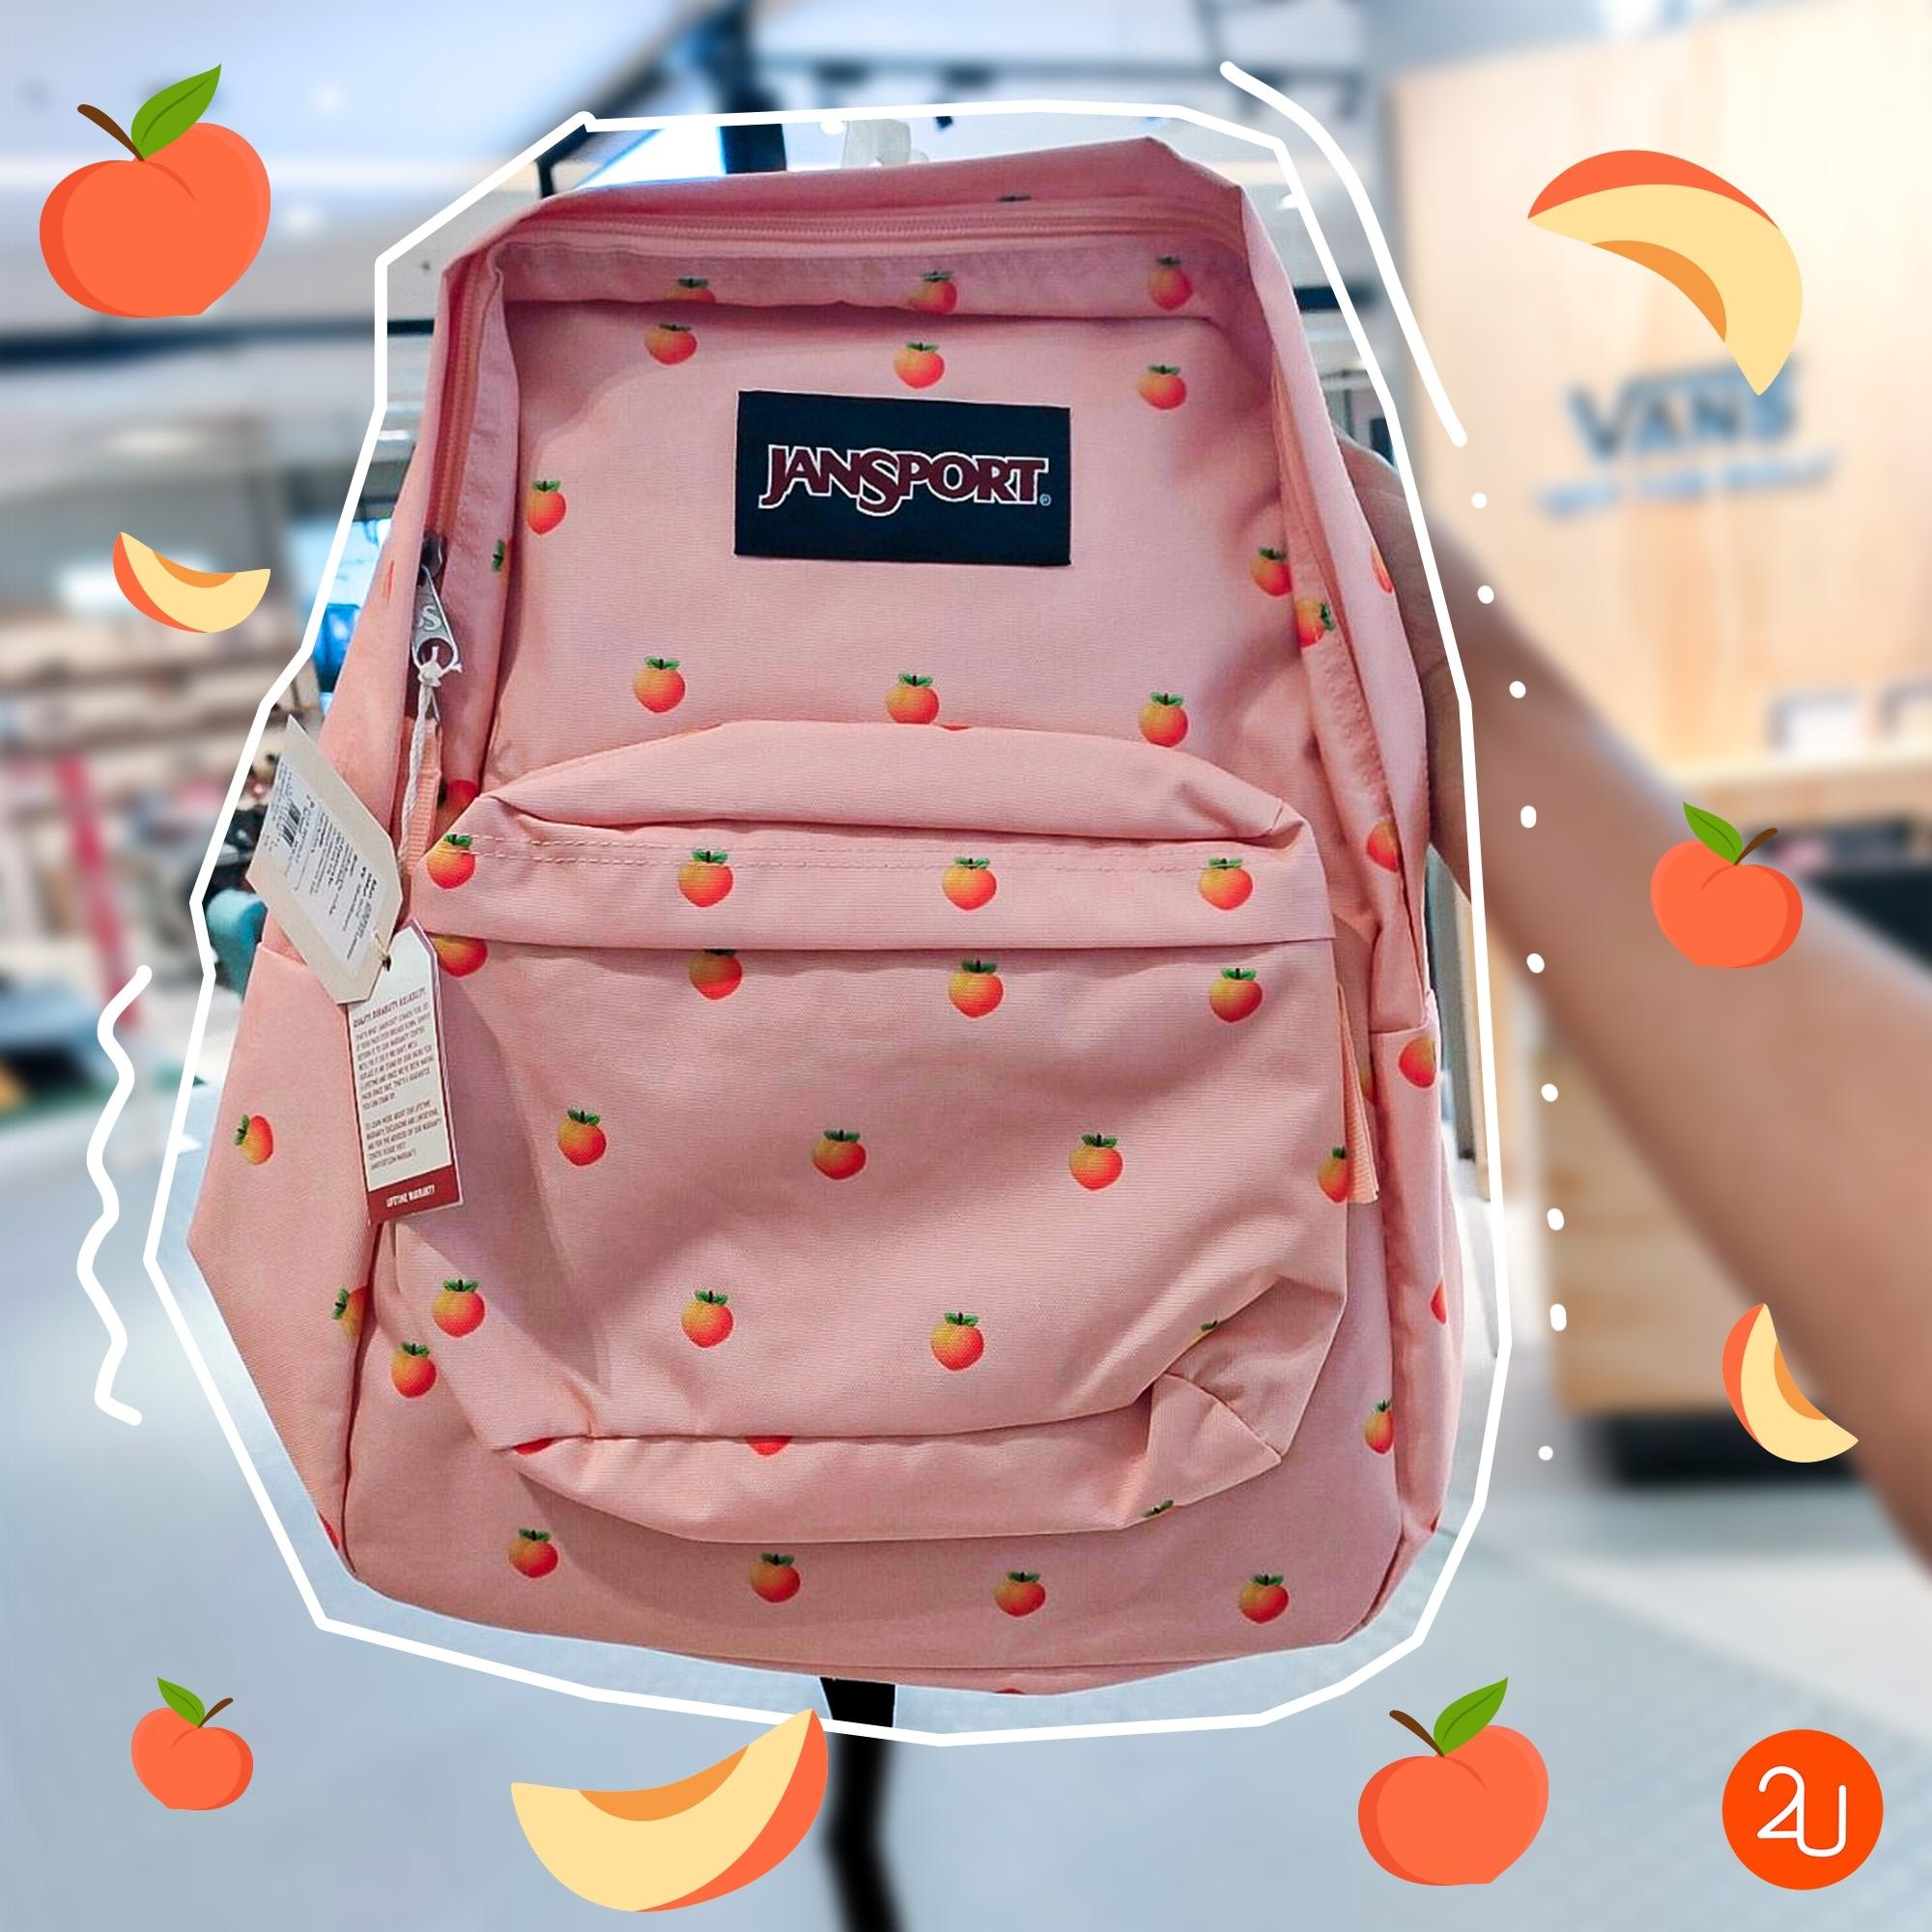 Promotion Jansport Bag 50% (2)